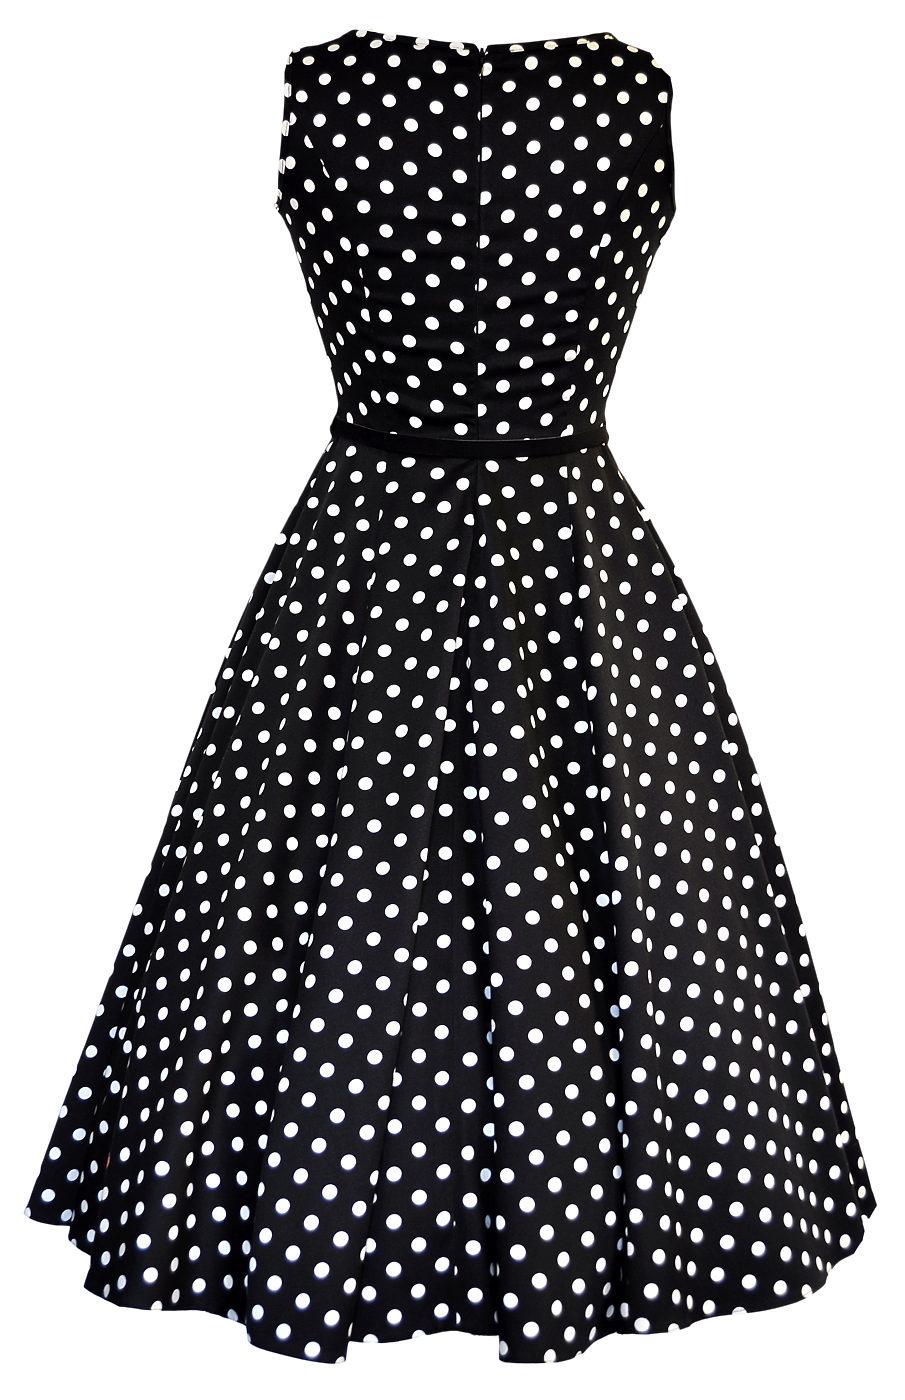 7b62fb92a Černé šaty s bílými puntíky Lady V London Audrey Lady V London ...